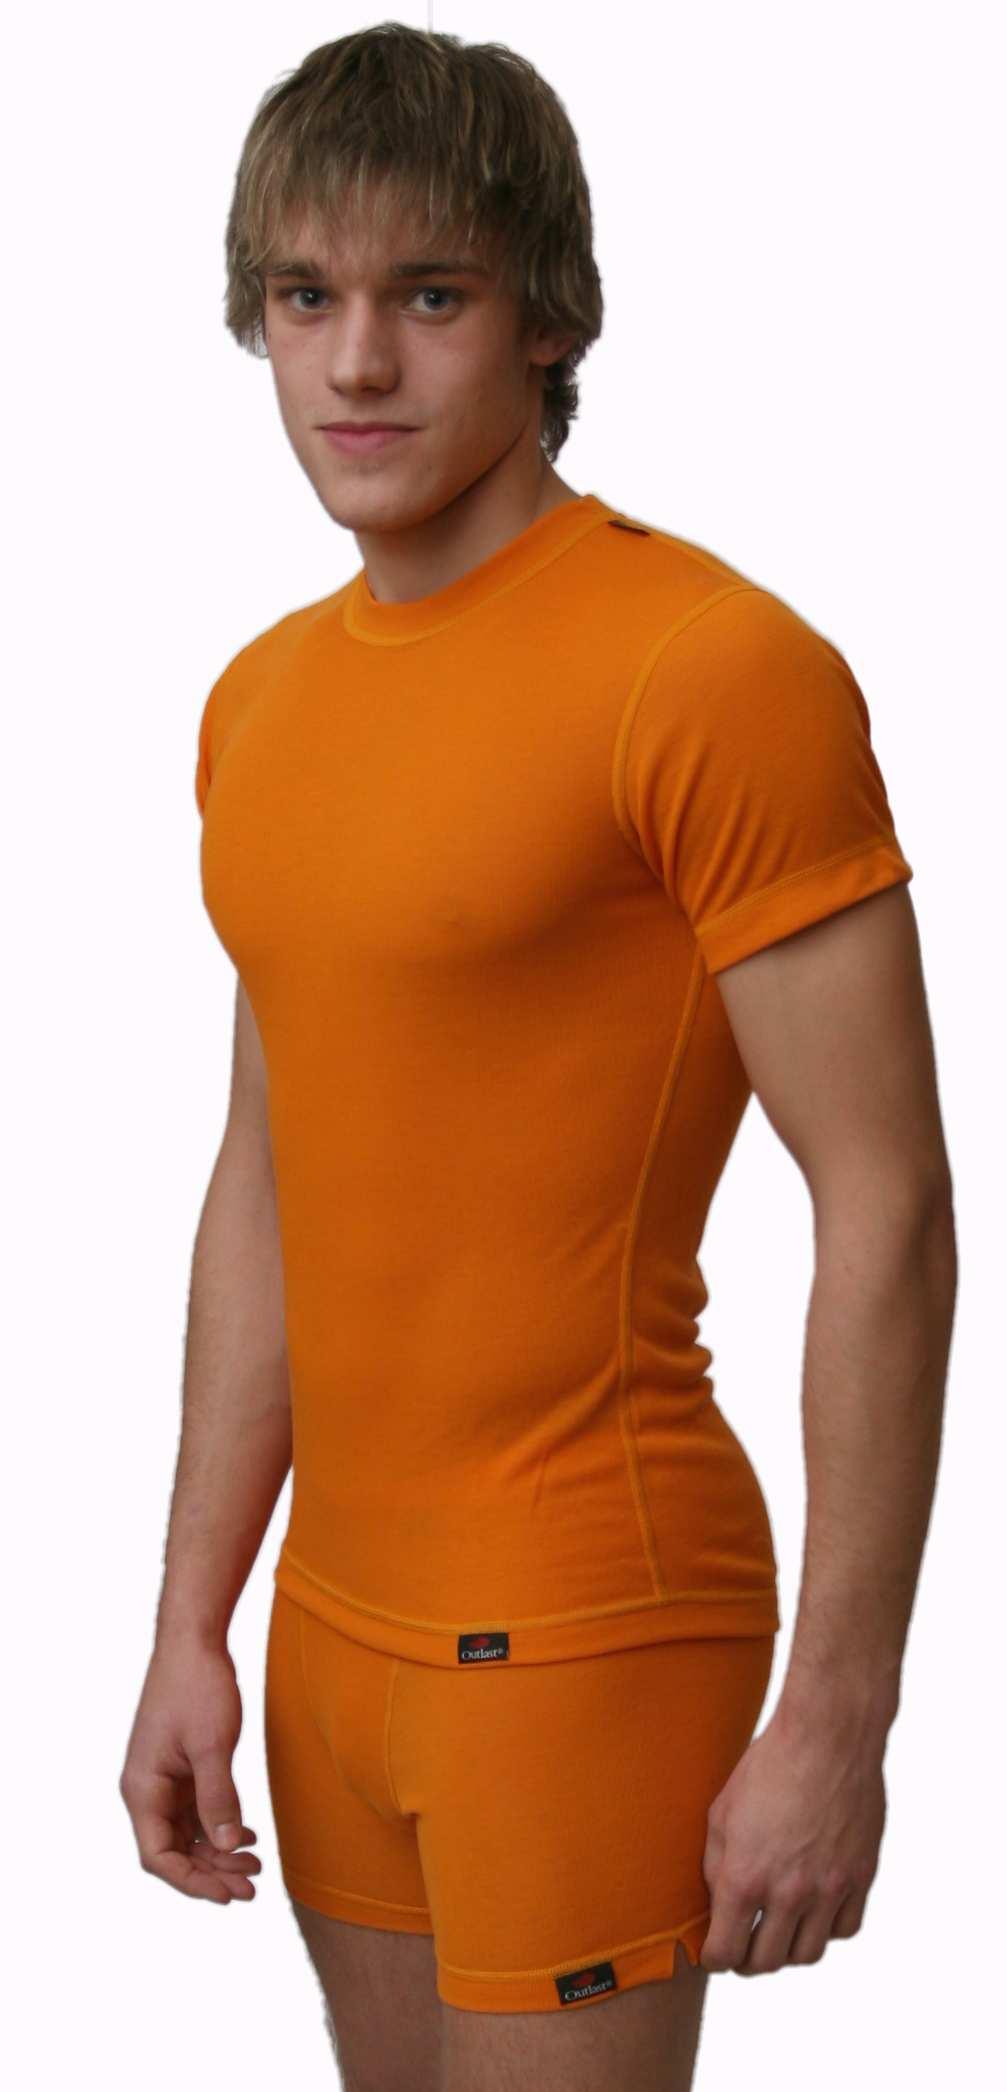 AKCE - Outlast 1 pánské triko s krátkým rukávem se 70% slevou !!  1c0aa8dccb